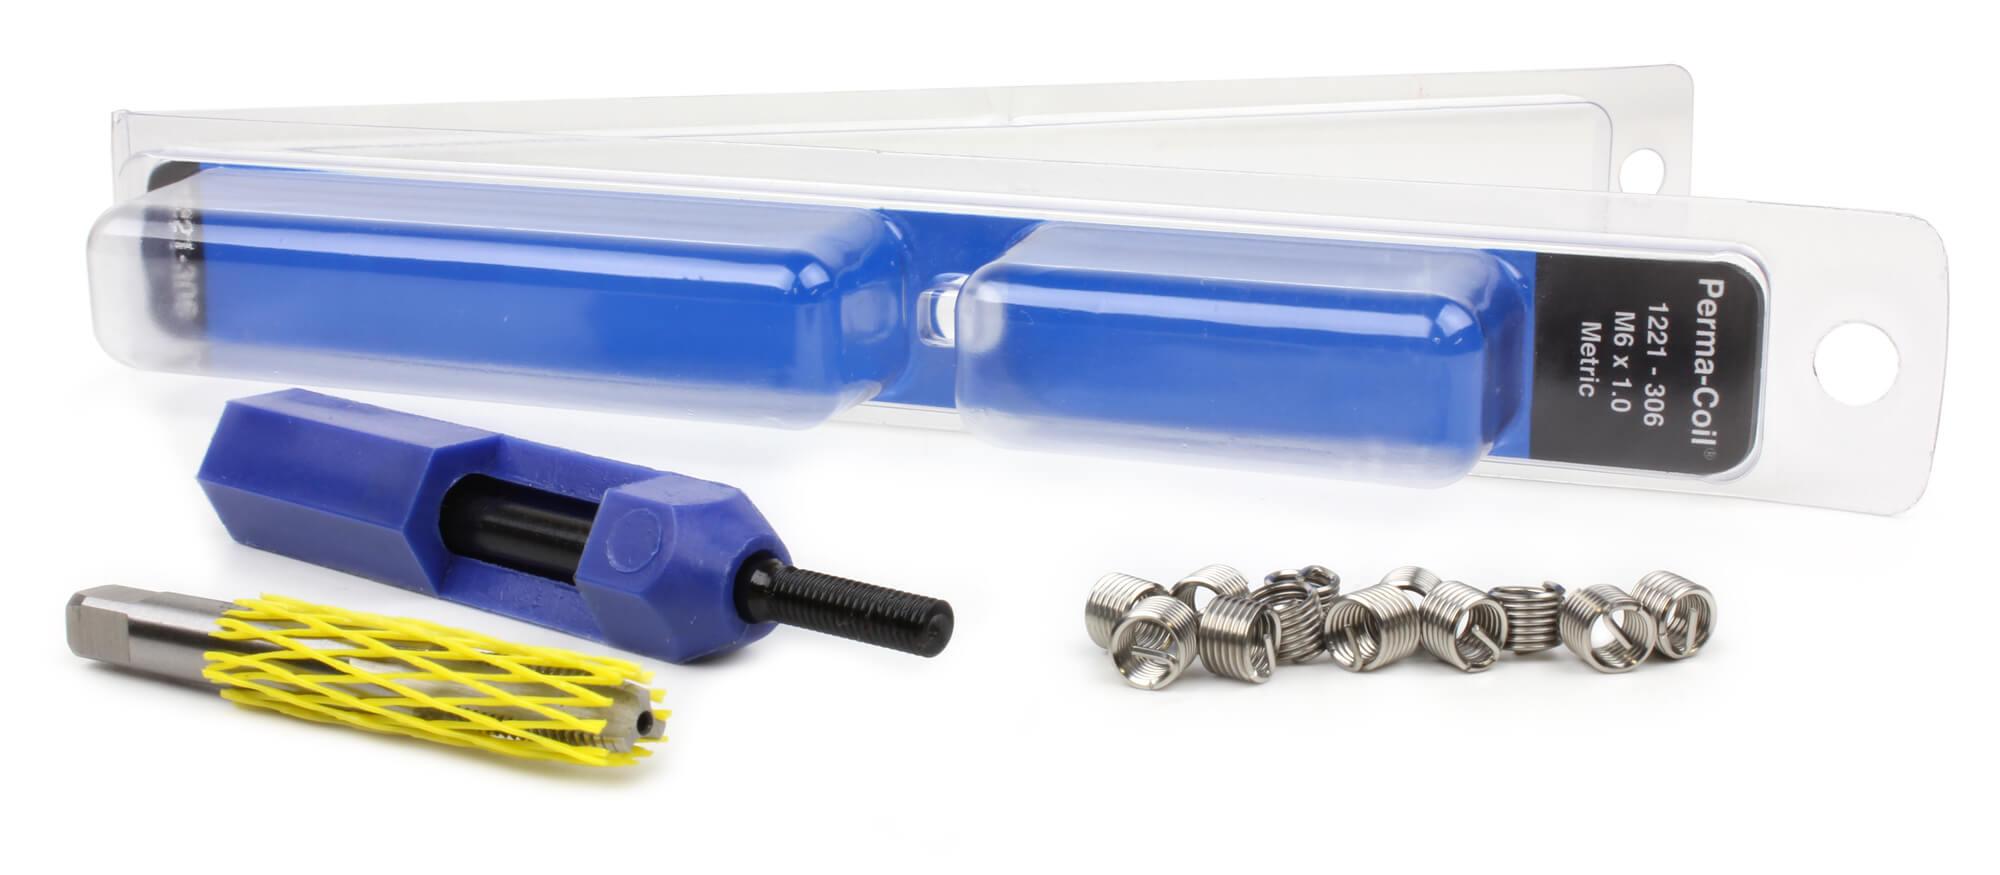 Perma-Coil 1208-014 Thread Repair Kit 4-40 12PC